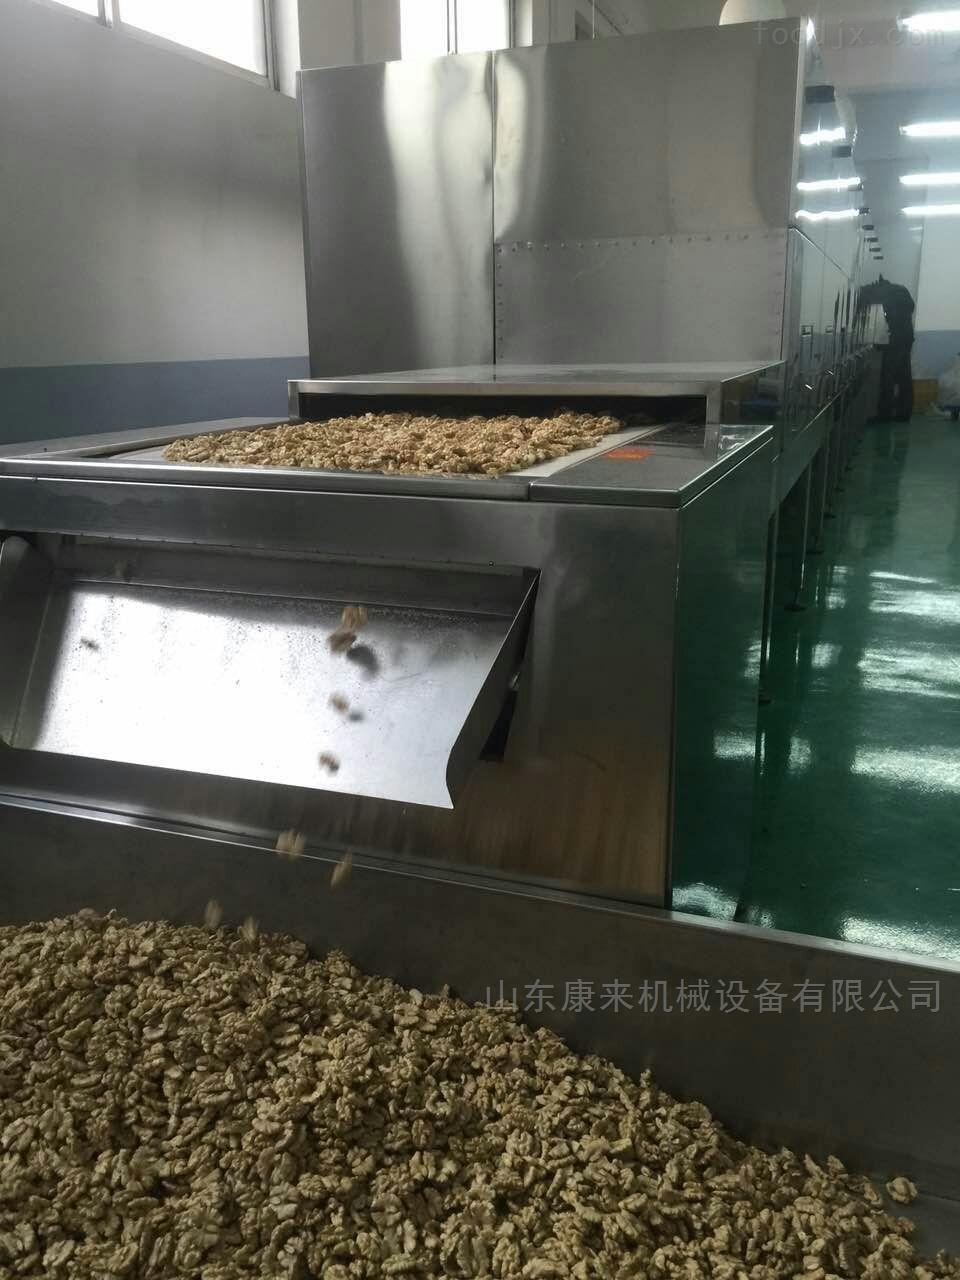 坚果干货烘烤熟化设备大型流水线设备可定制